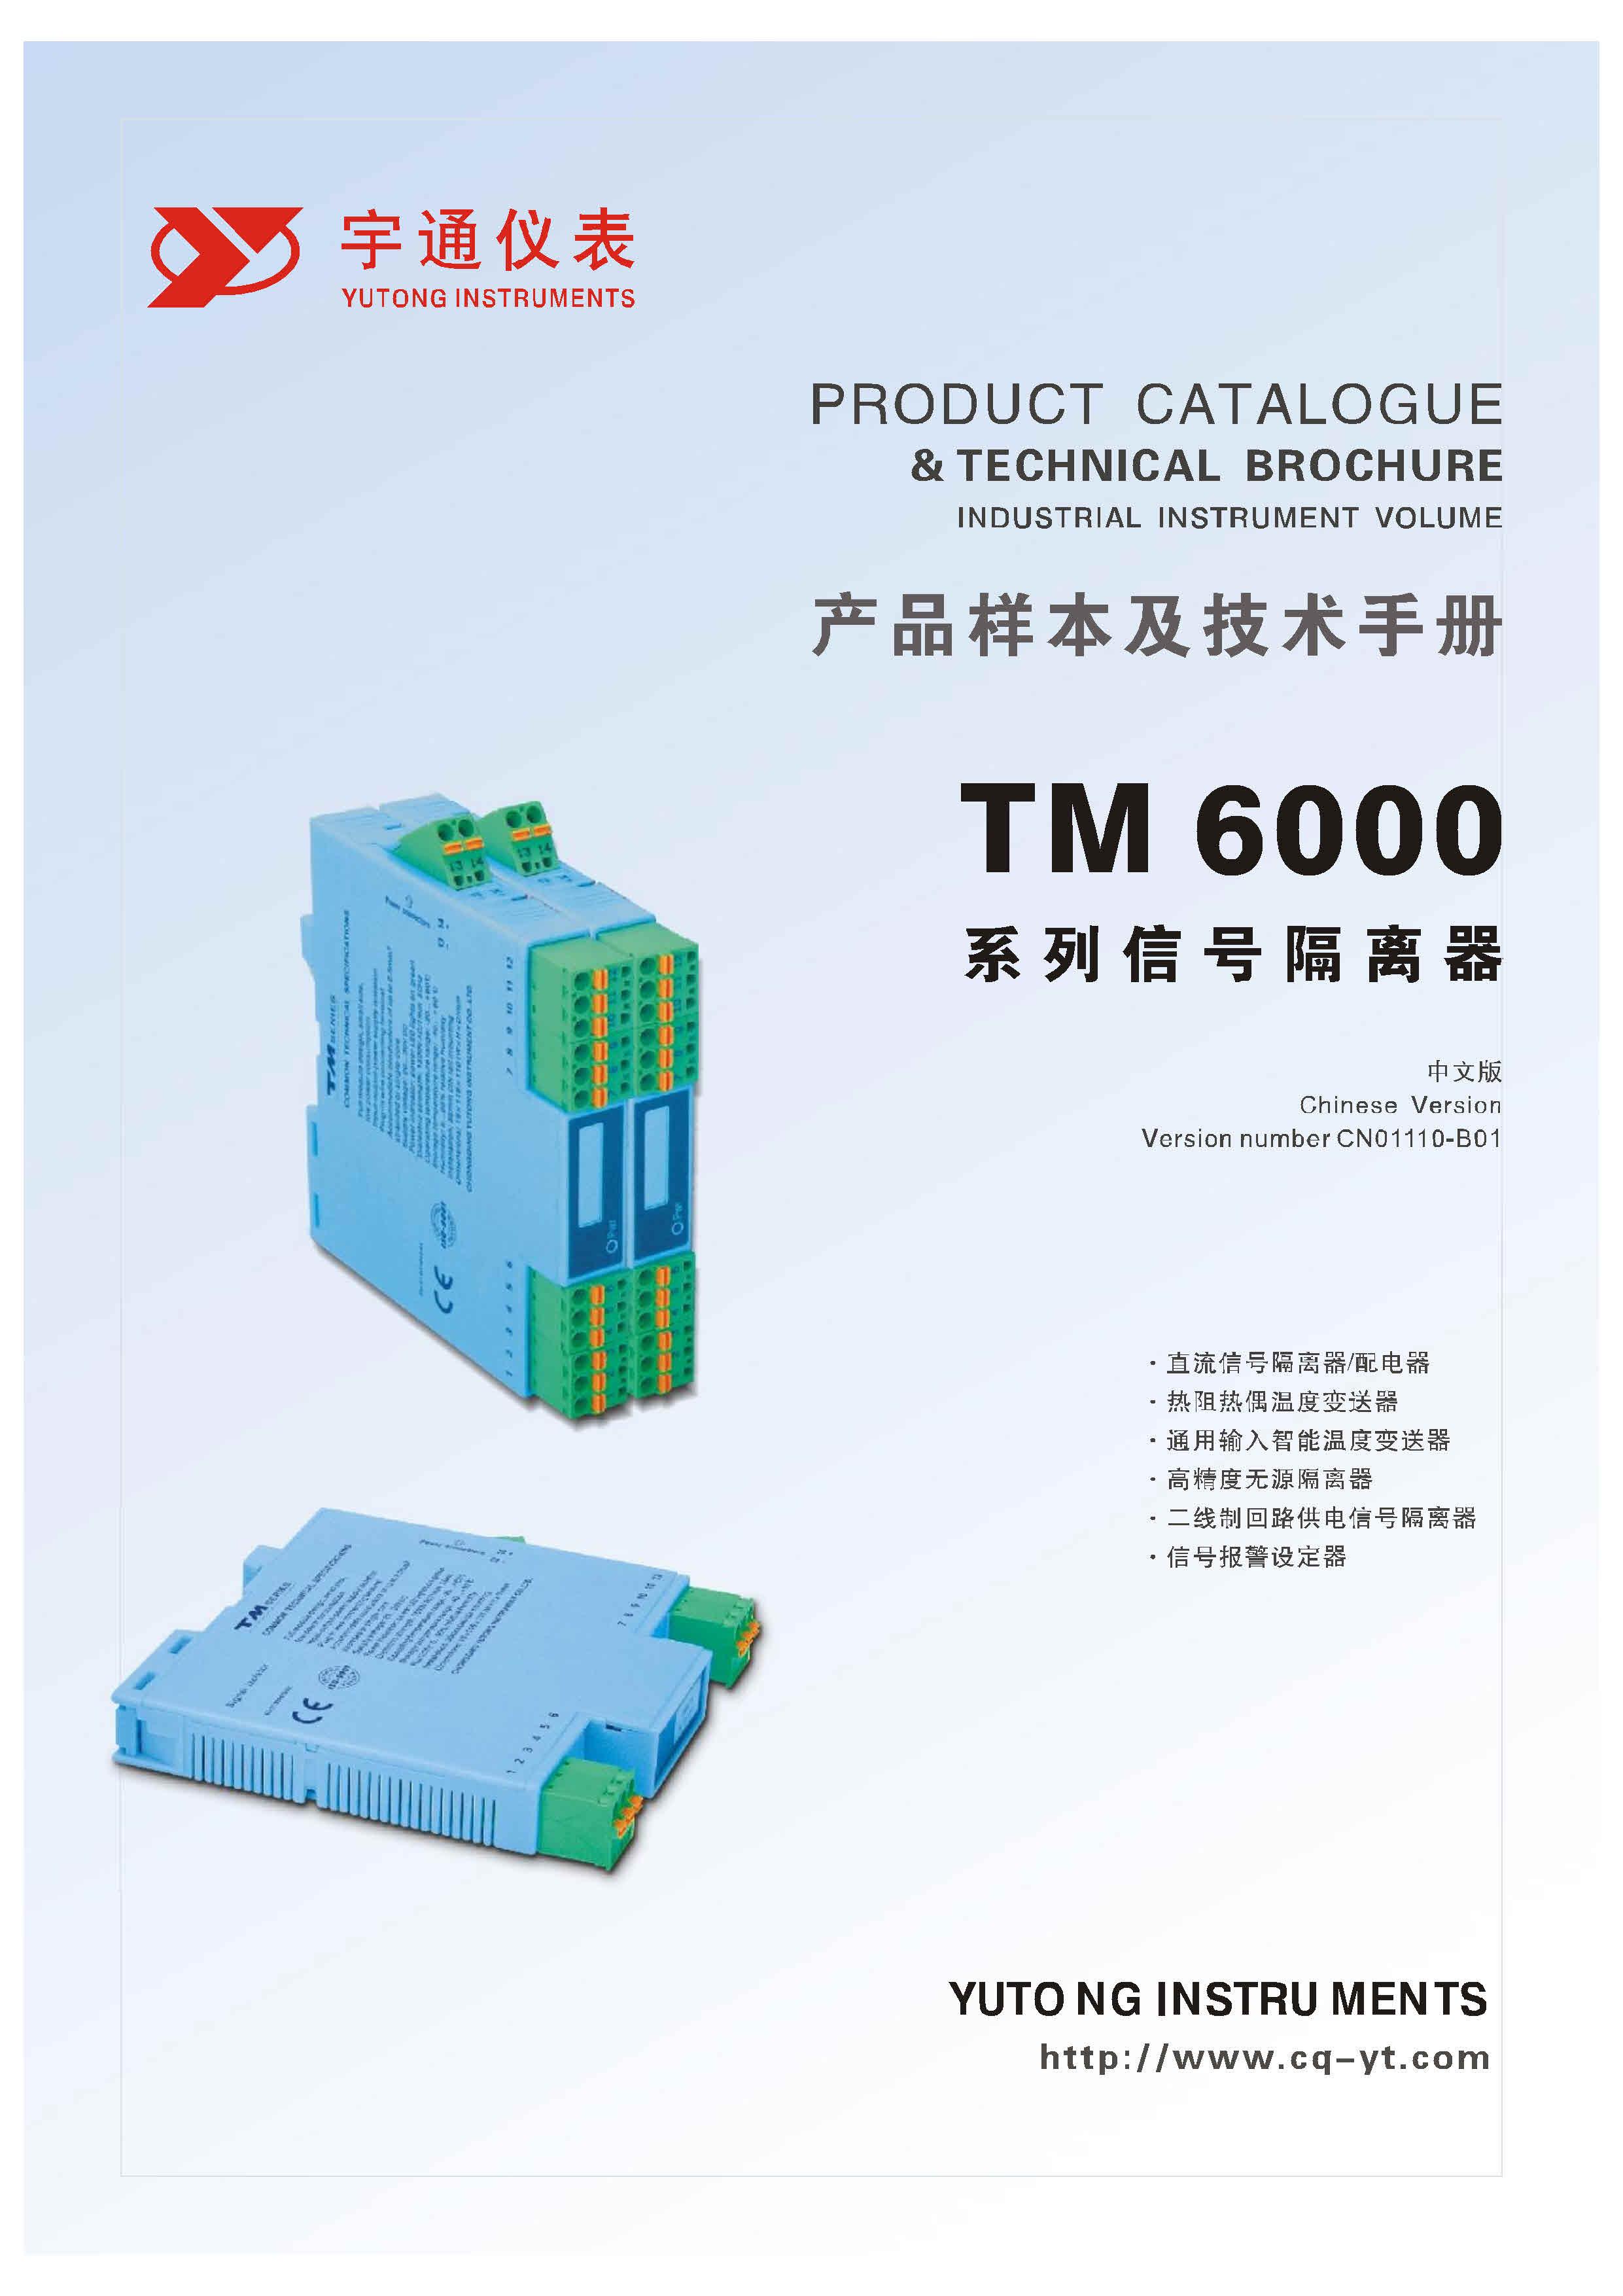 重庆宇通样本TM6000